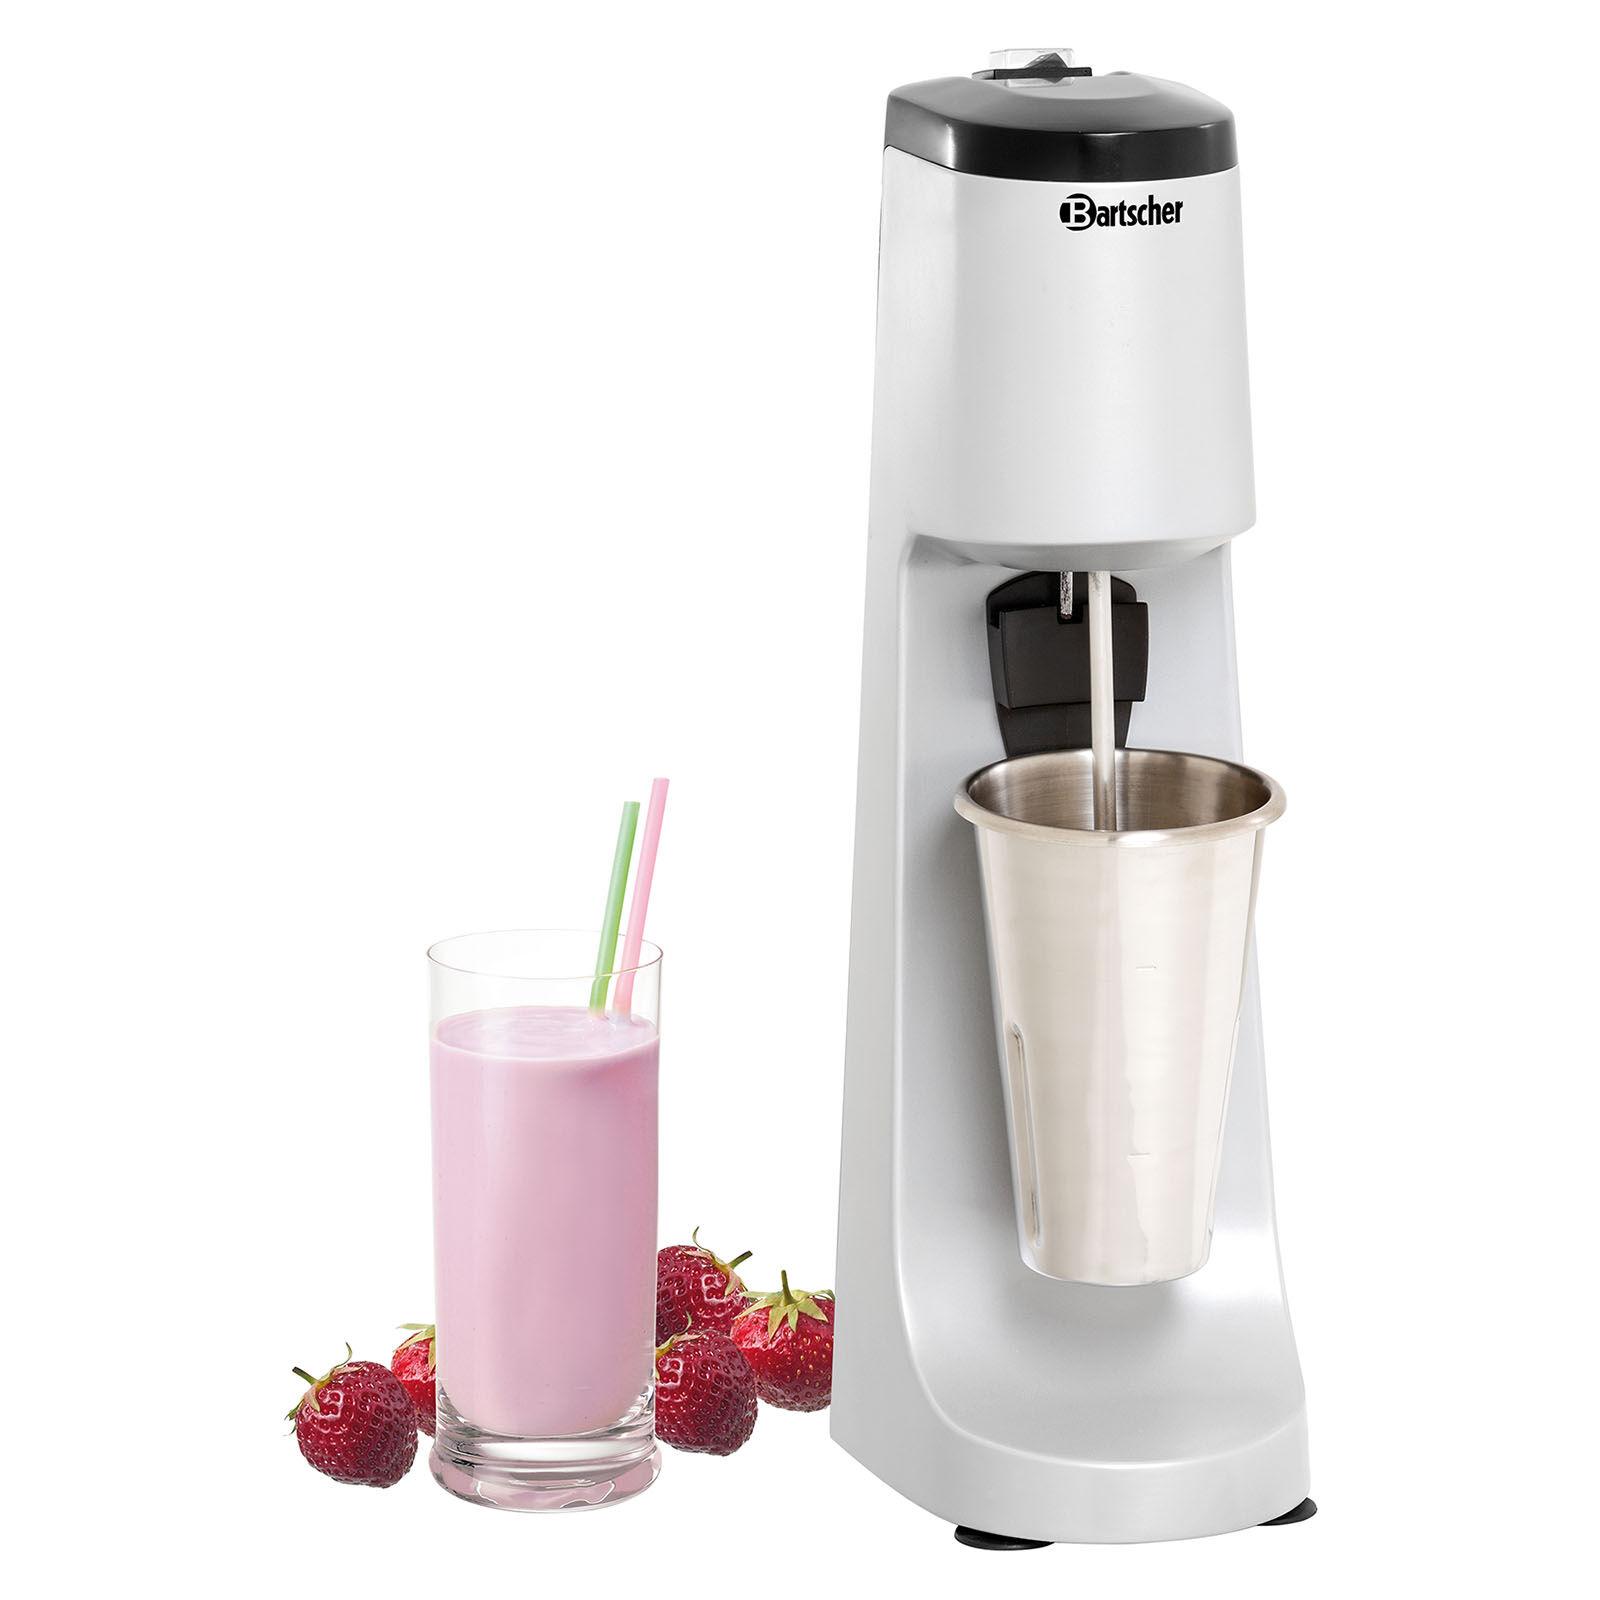 Bartscher Milchshaker - Drink Mixer - 650ml 10190074